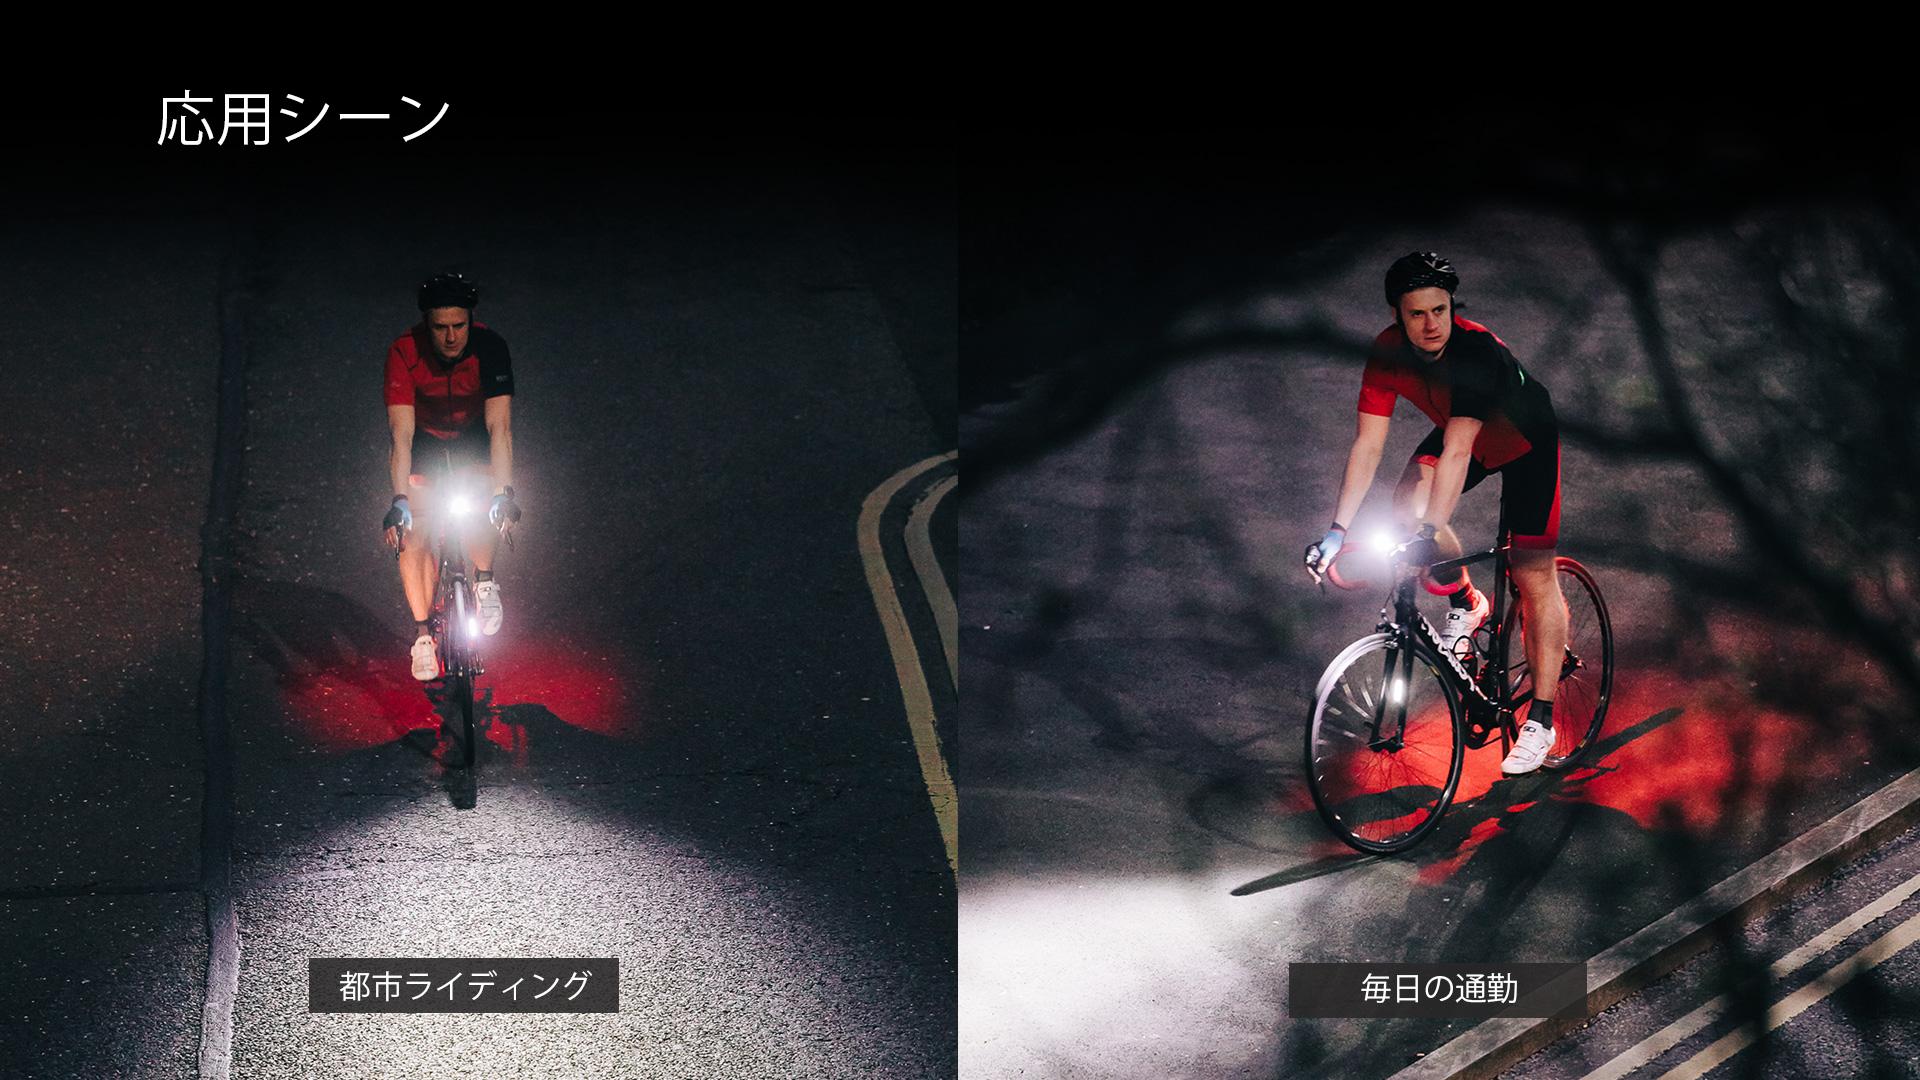 RN400は、通学/通勤、サイクリング、サイクリング競技、暗闇でのライディングのための道路の照明などのシーンに適しています。